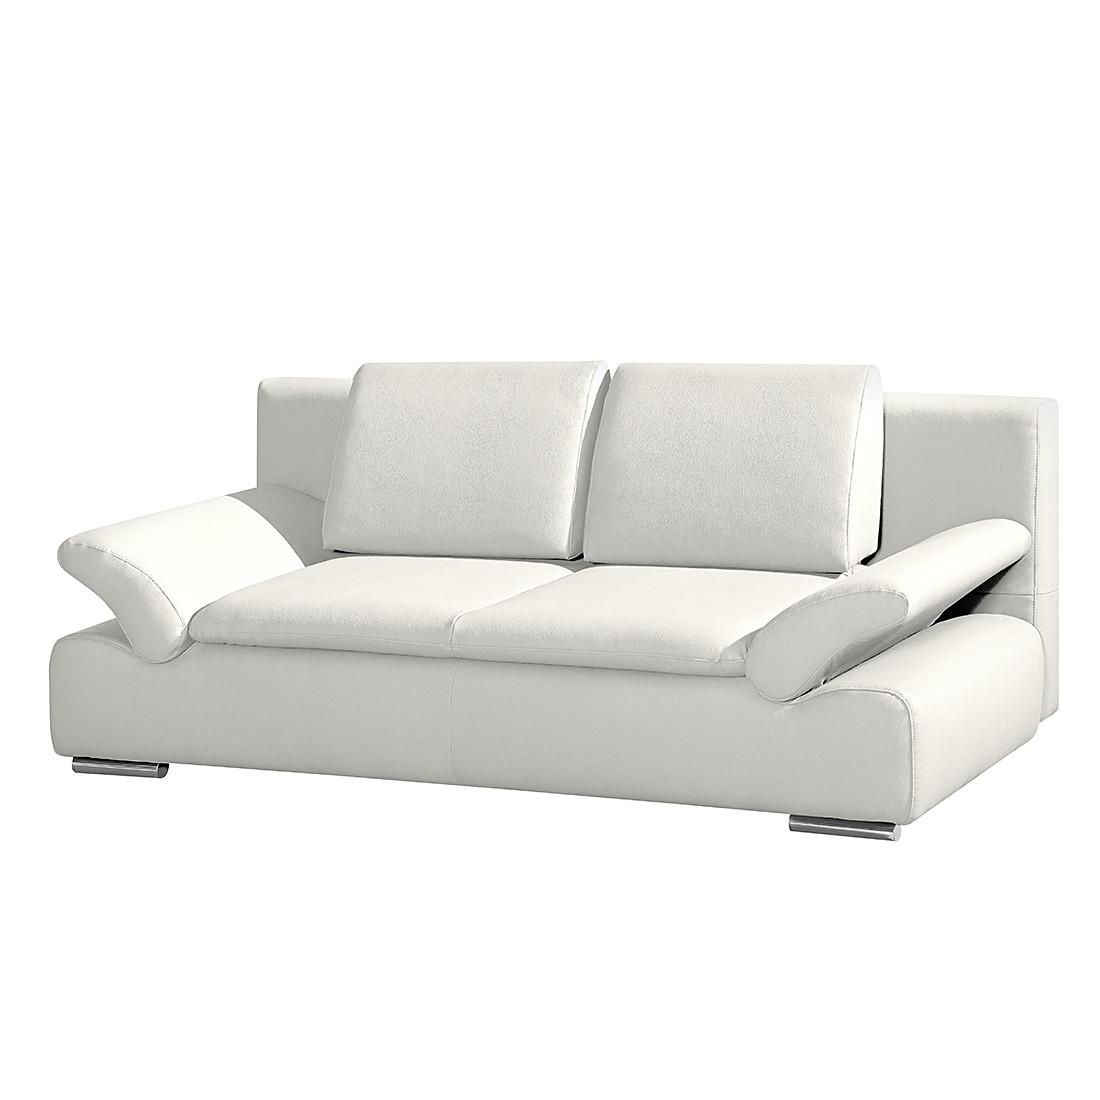 schlafsofa wei preisvergleich die besten angebote online kaufen. Black Bedroom Furniture Sets. Home Design Ideas